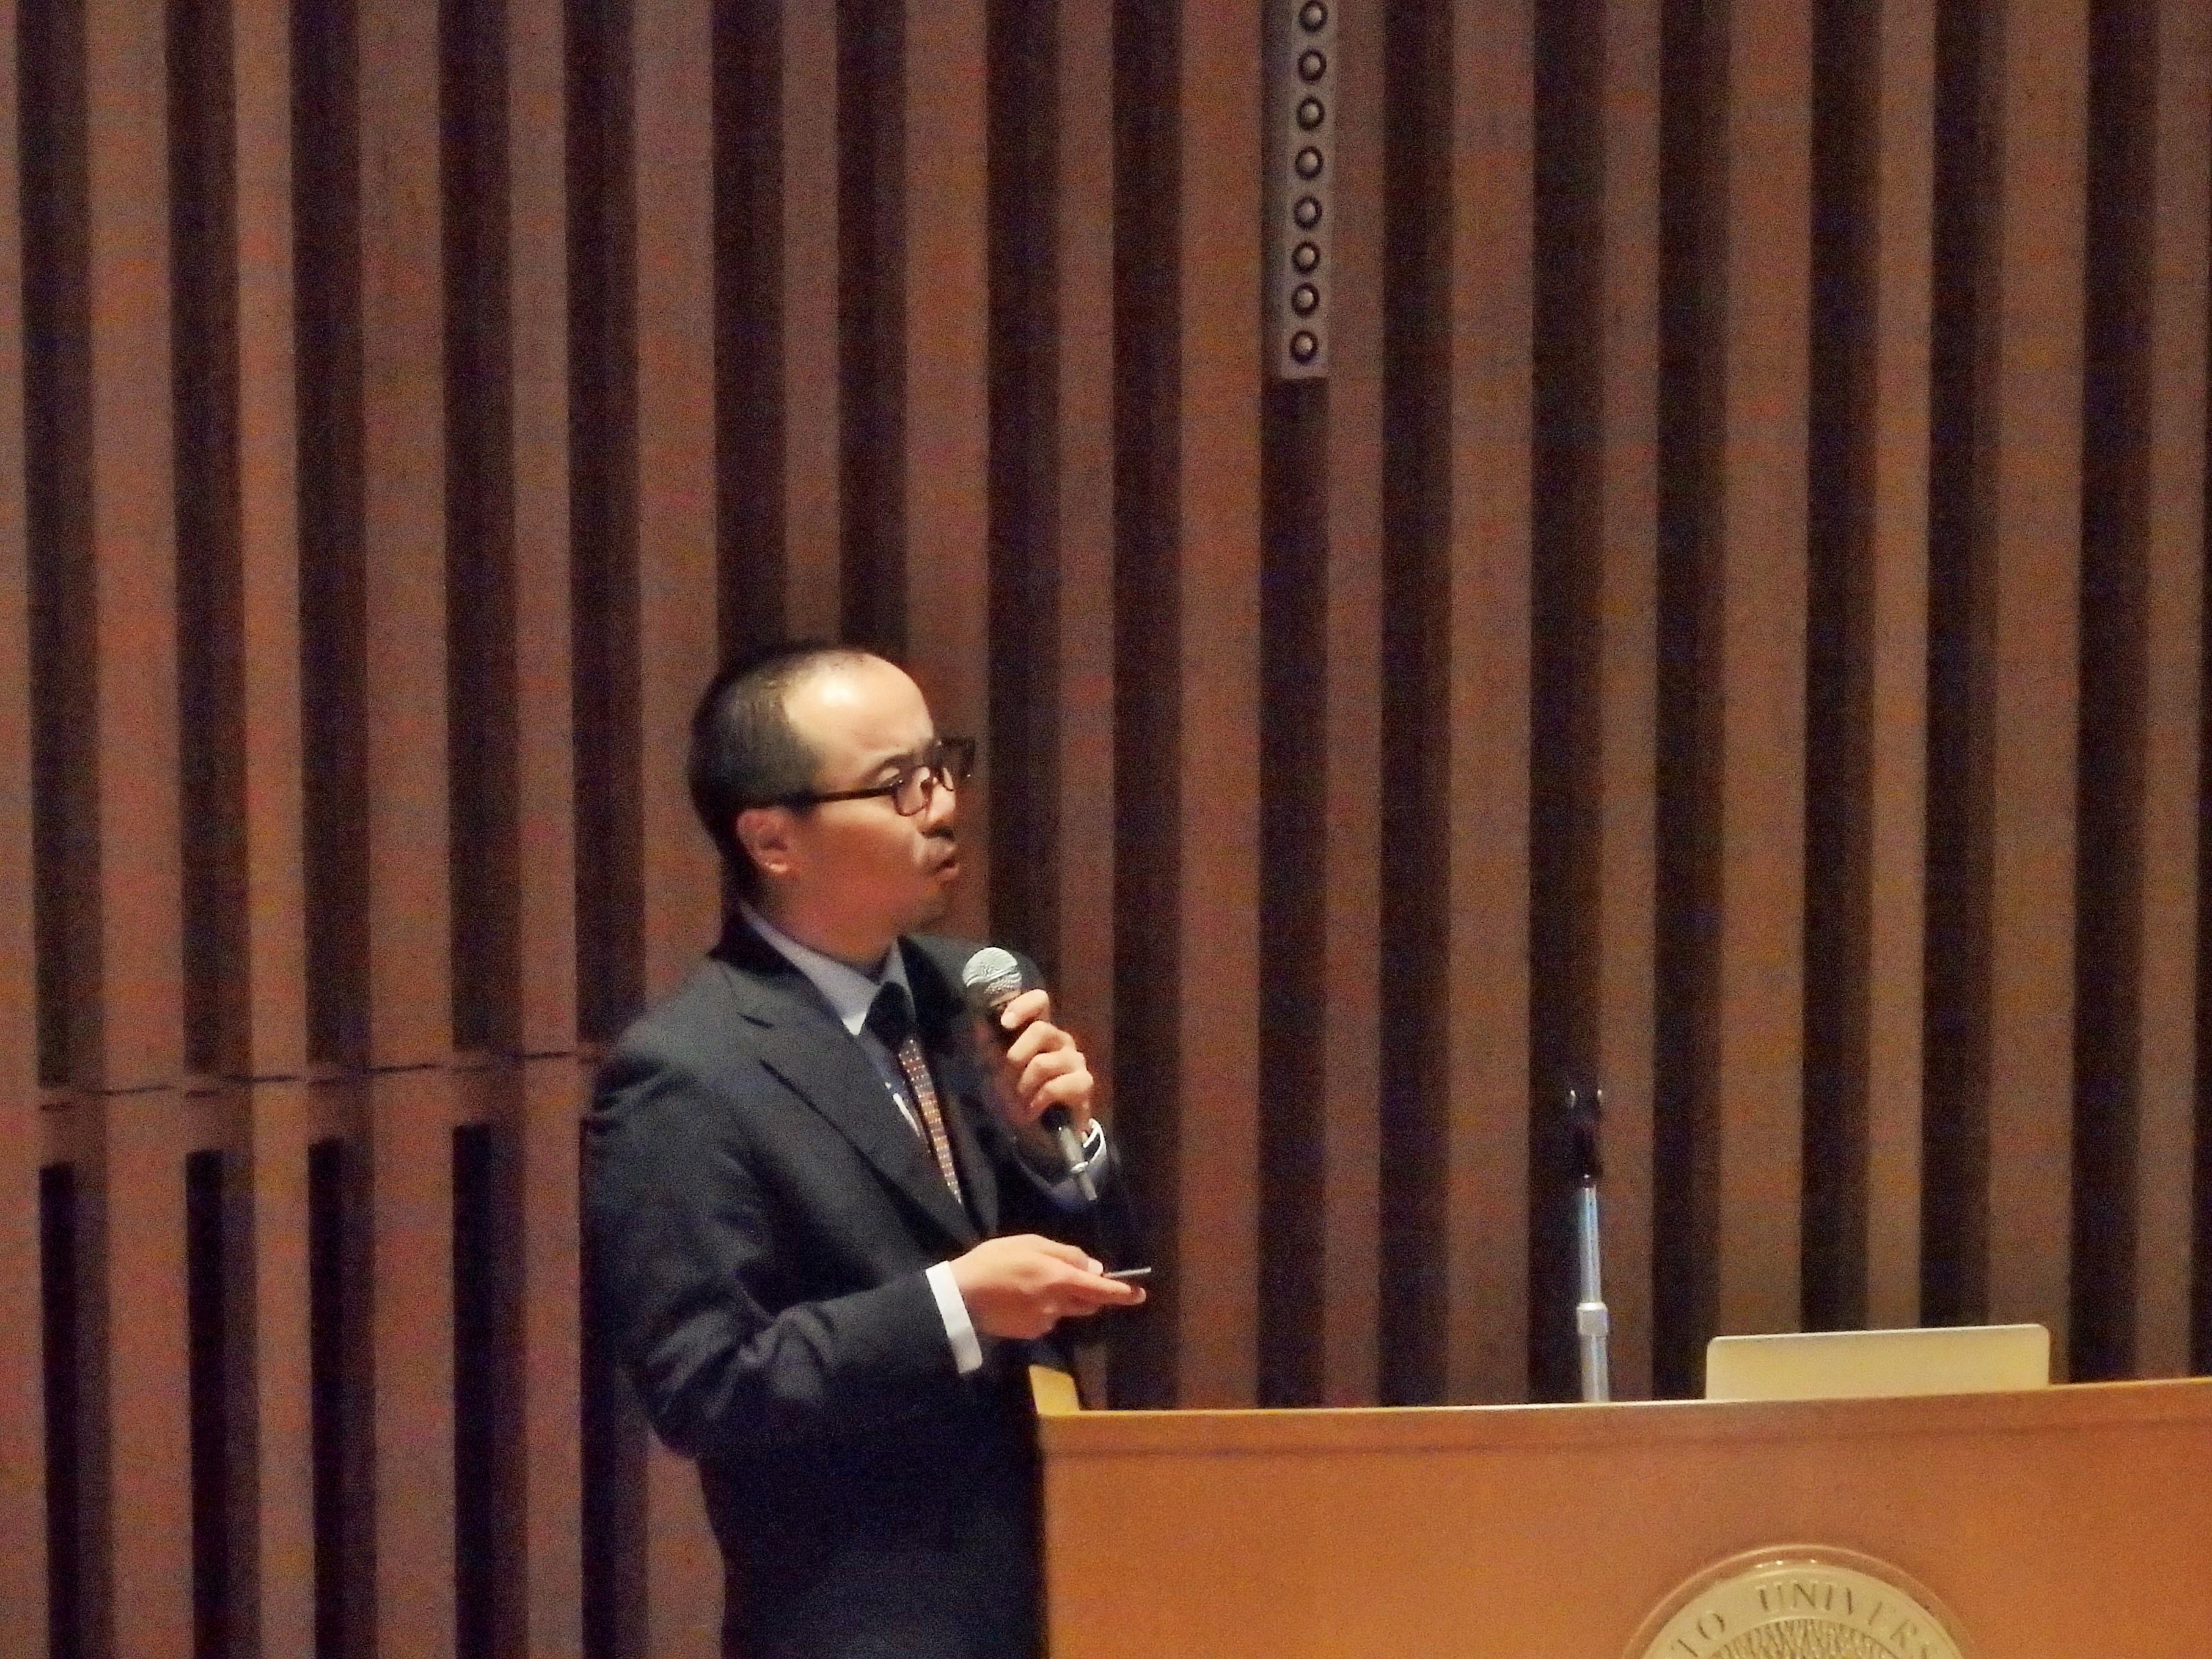 「酵素進化からみた多様な植物特化代謝」 サントリーグローバルイノベーションセンター主任研究員 小埜栄一郎氏